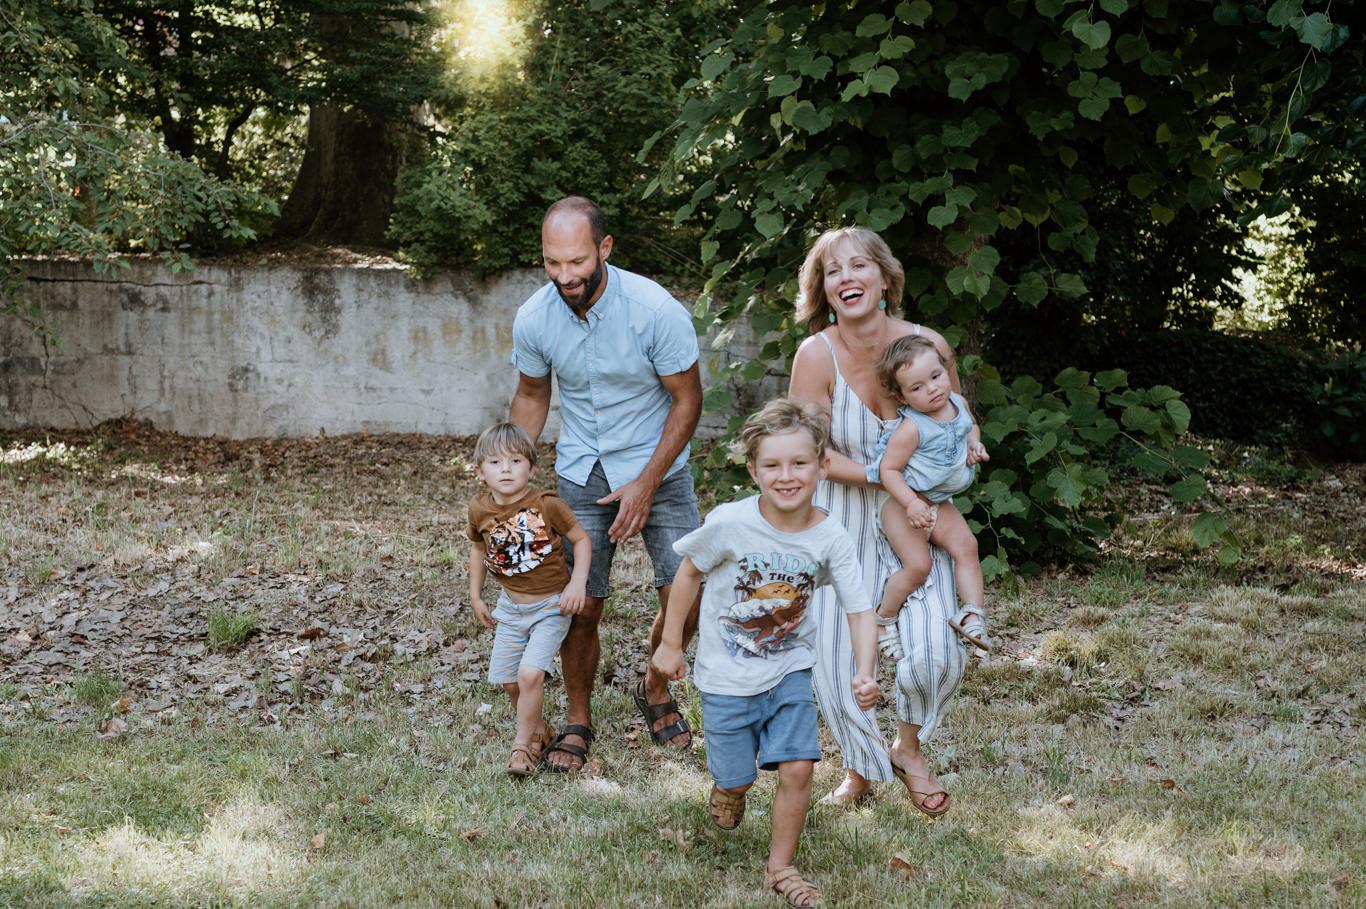 Familienfotograf Familien Fotos Mannheim Ludwigshafen Heidelberg Kinderbilder Familienreportage